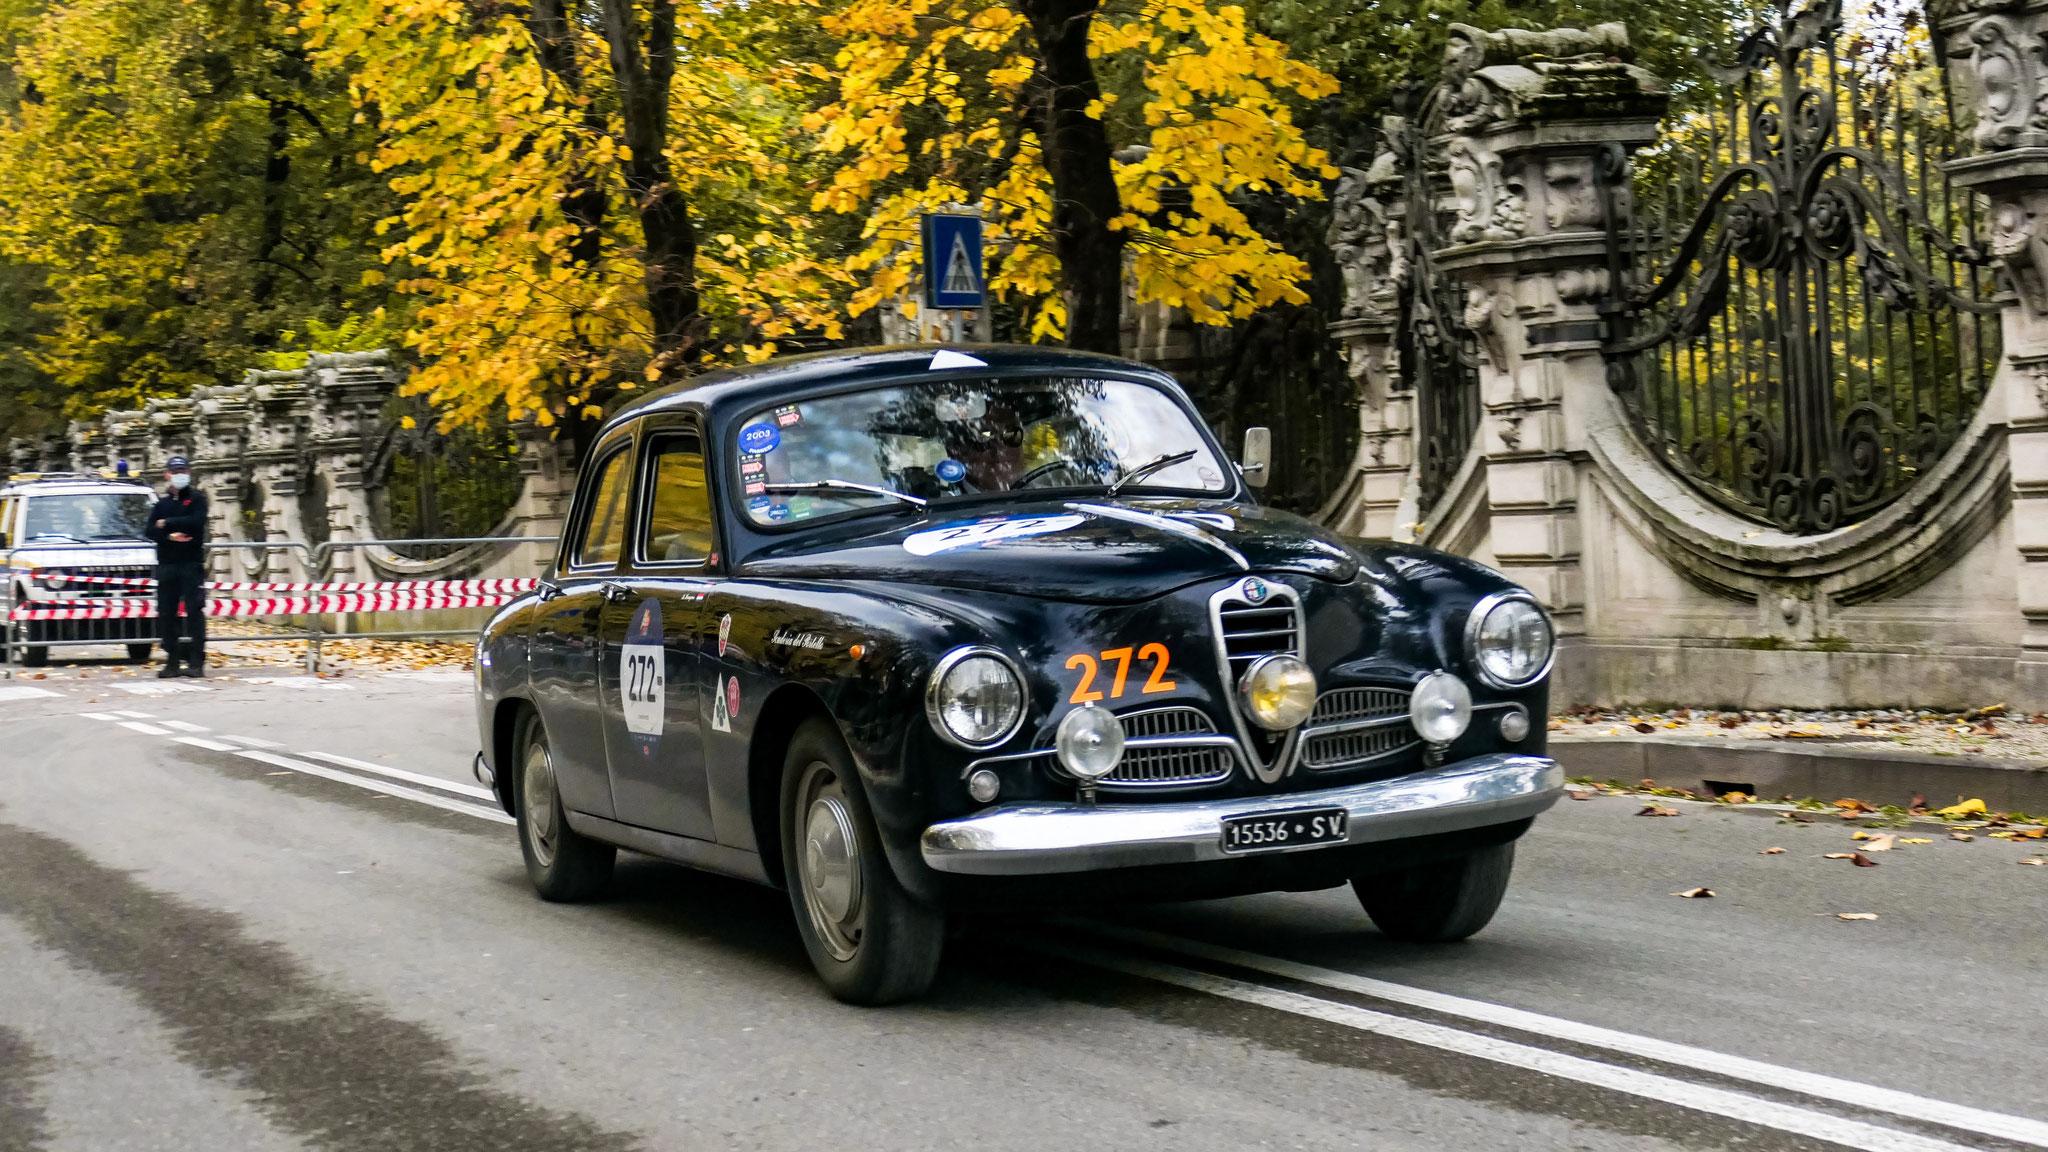 Alfa Romeo 1900 Super TI - 15536-SV (ITA)